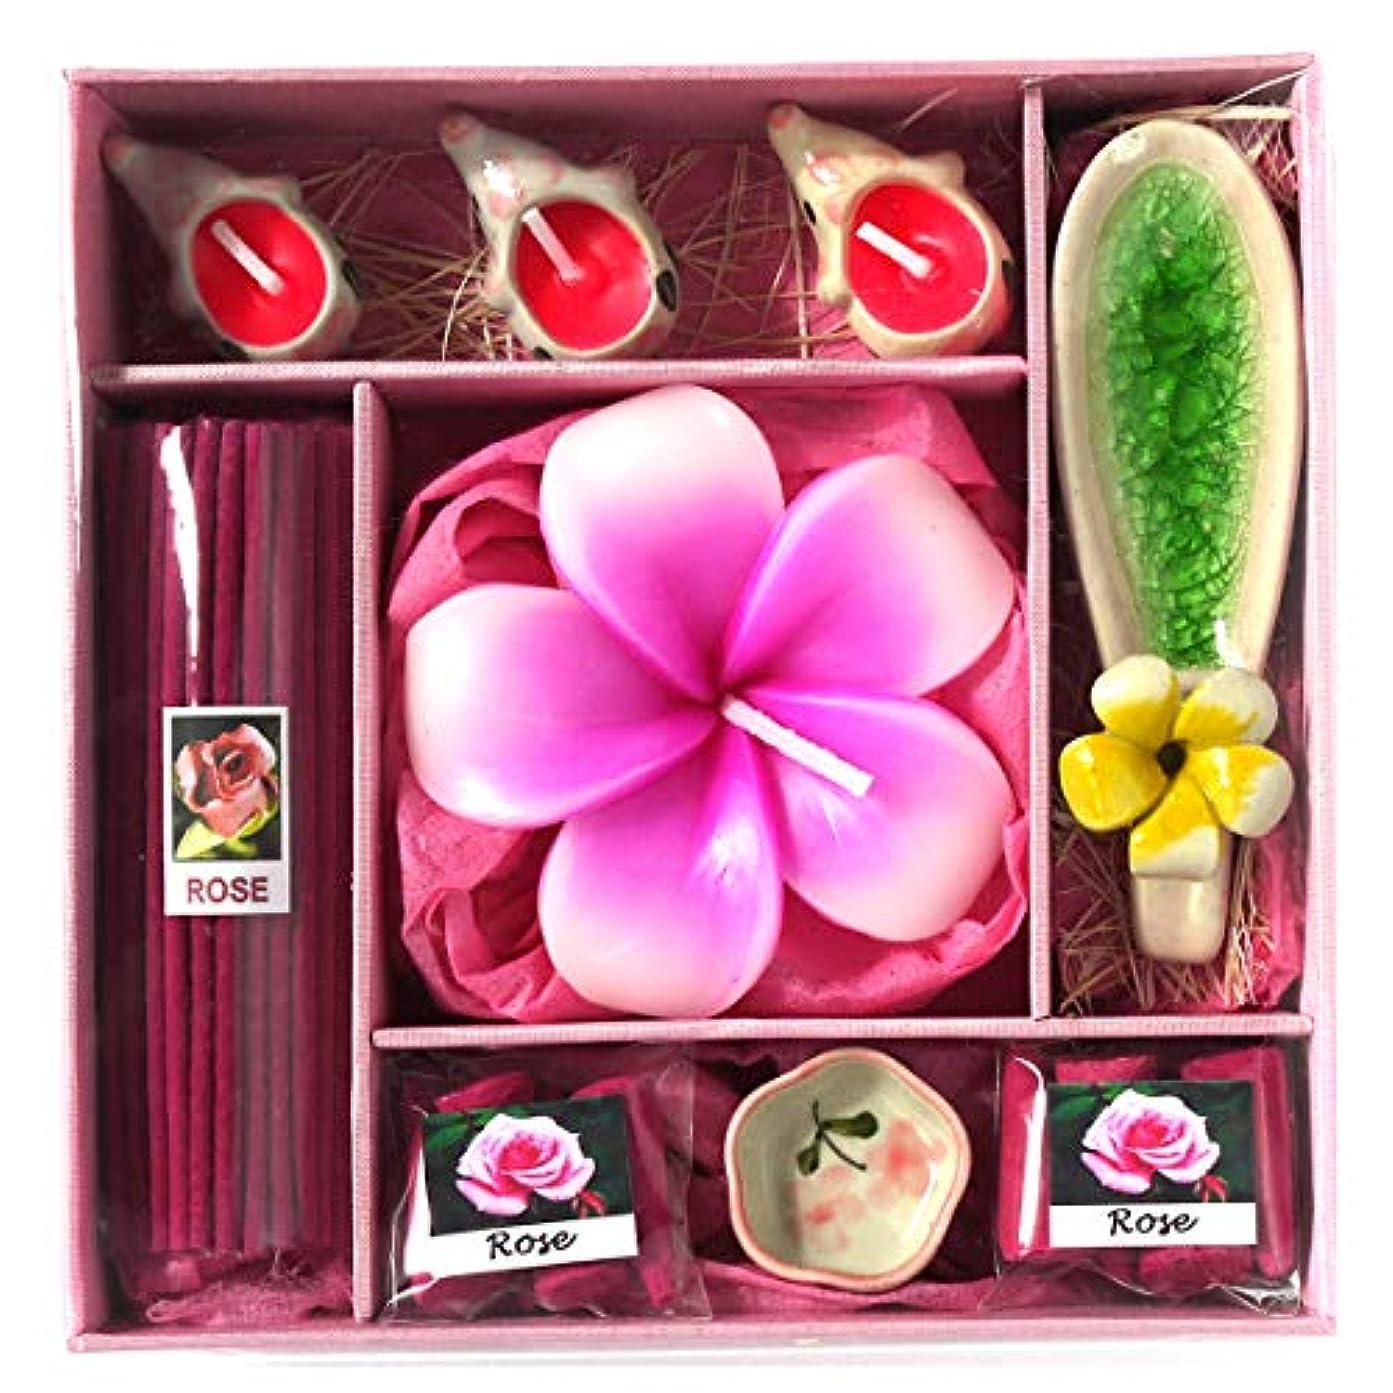 チョークである刈るアロマギフトBOX Lサイズ 退職お礼ギフトお返しギフト アロマキャンドルとお香のギフトセット (ピンク)